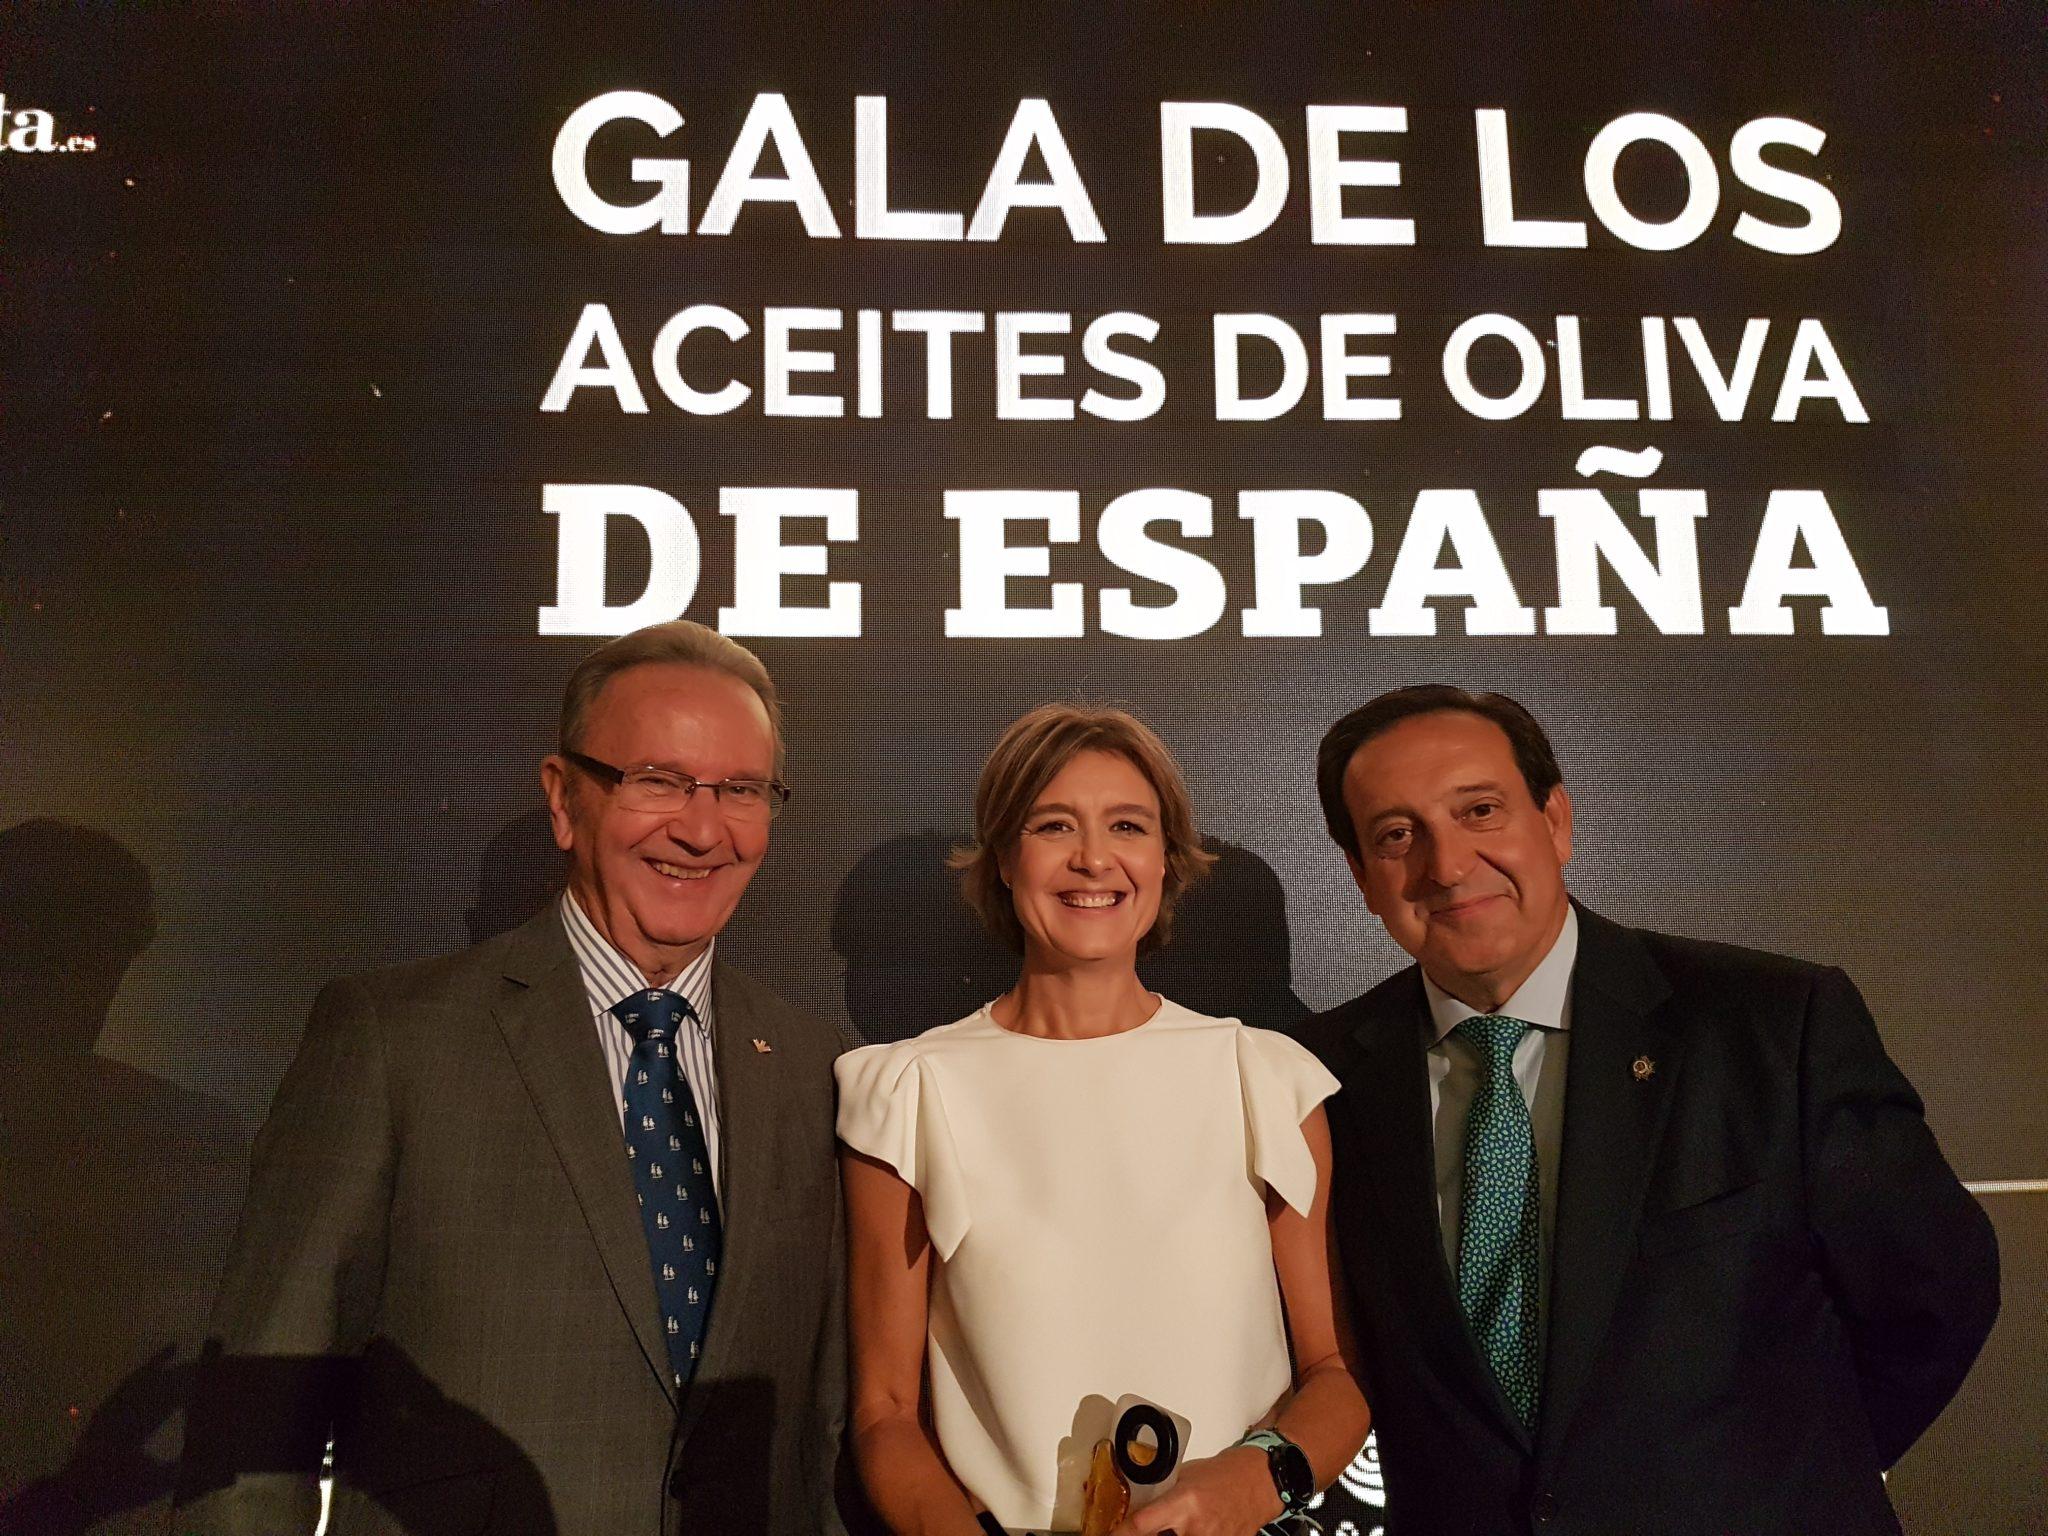 https://blog.globalcaja.es/wp-content/uploads/2017/11/Globalcaja-en-la-Gala-de-premios-Aceite-de-oliva.jpg